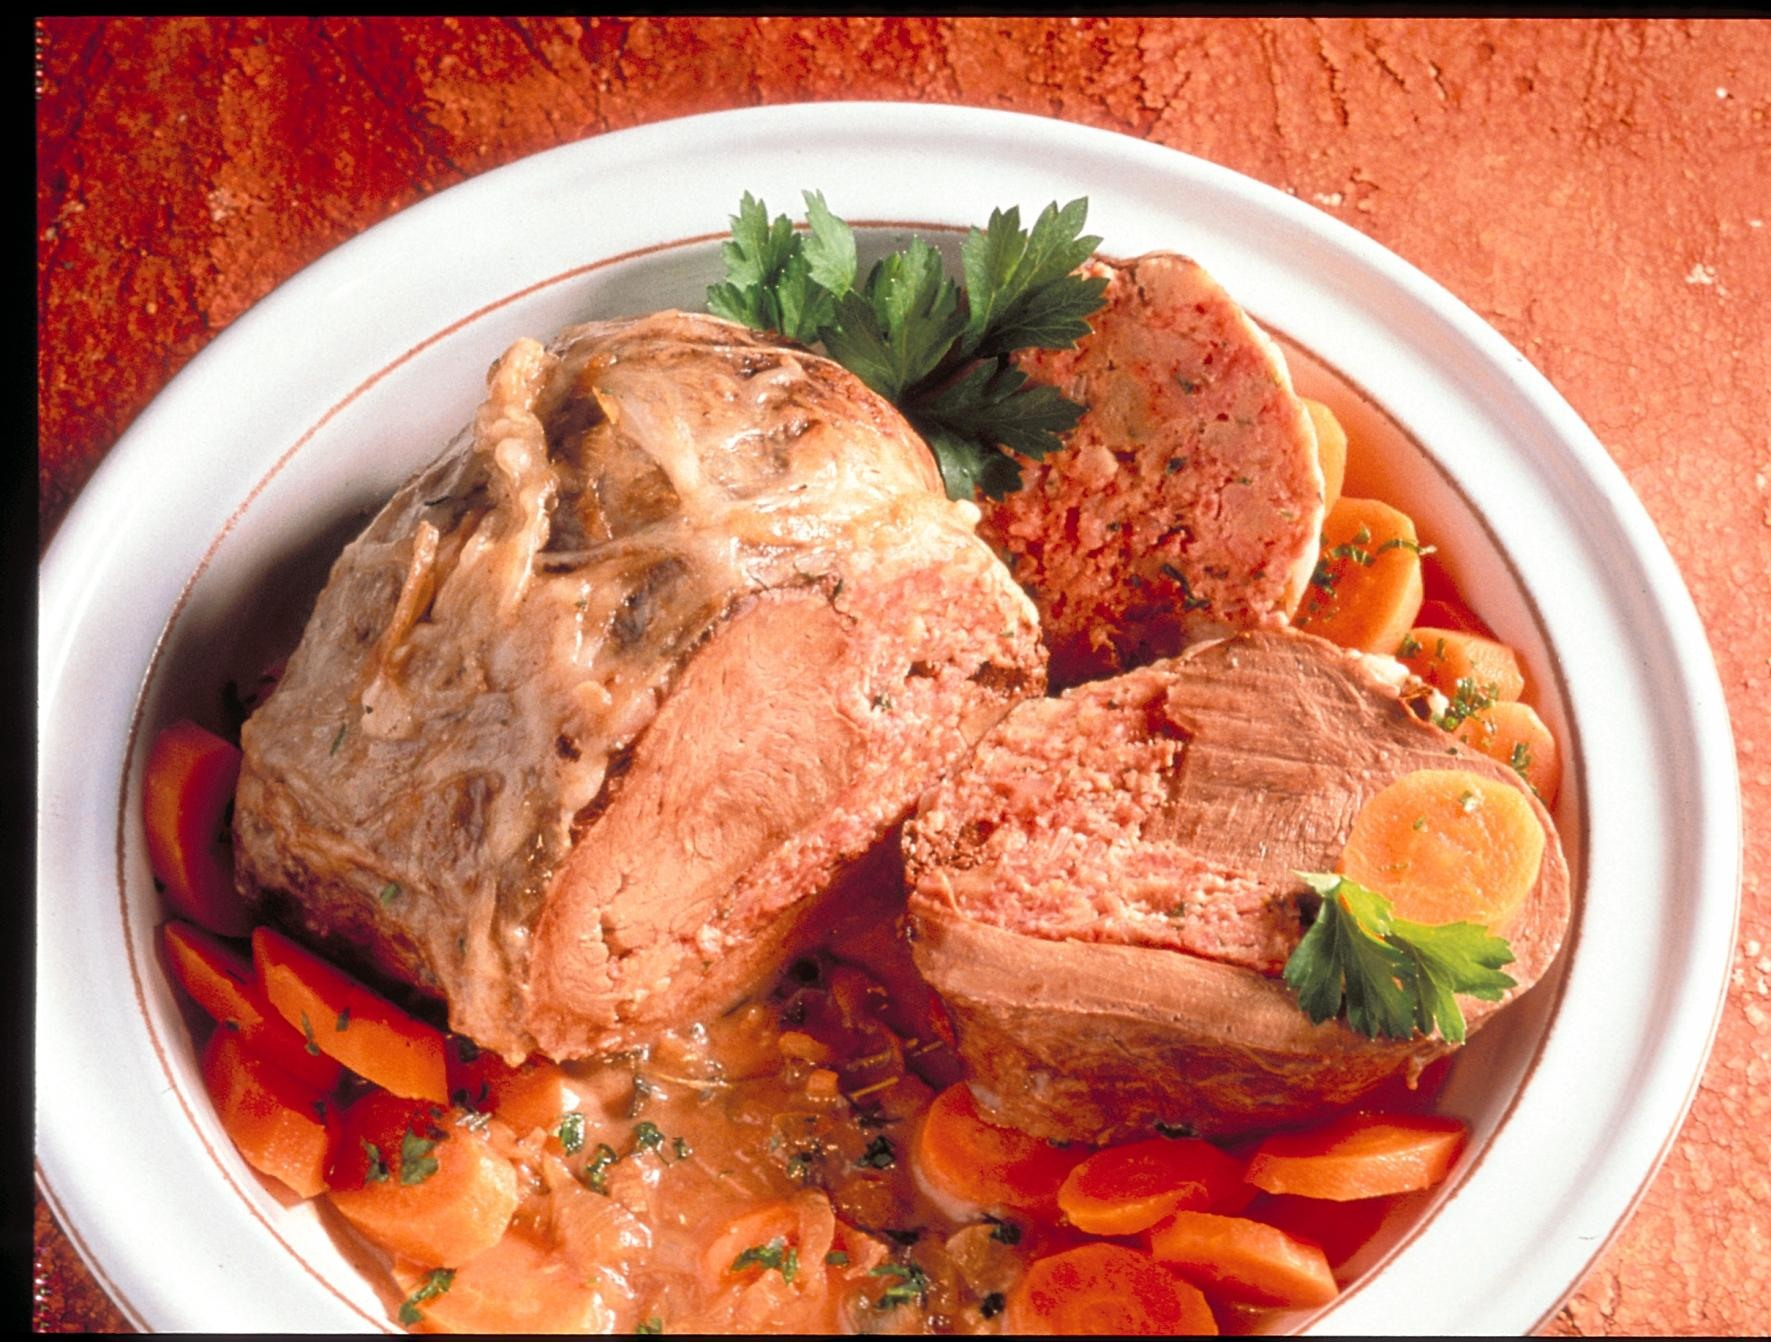 Coeur de veau farci recettes de cuisine la - Cuisiner le coeur de boeuf ...